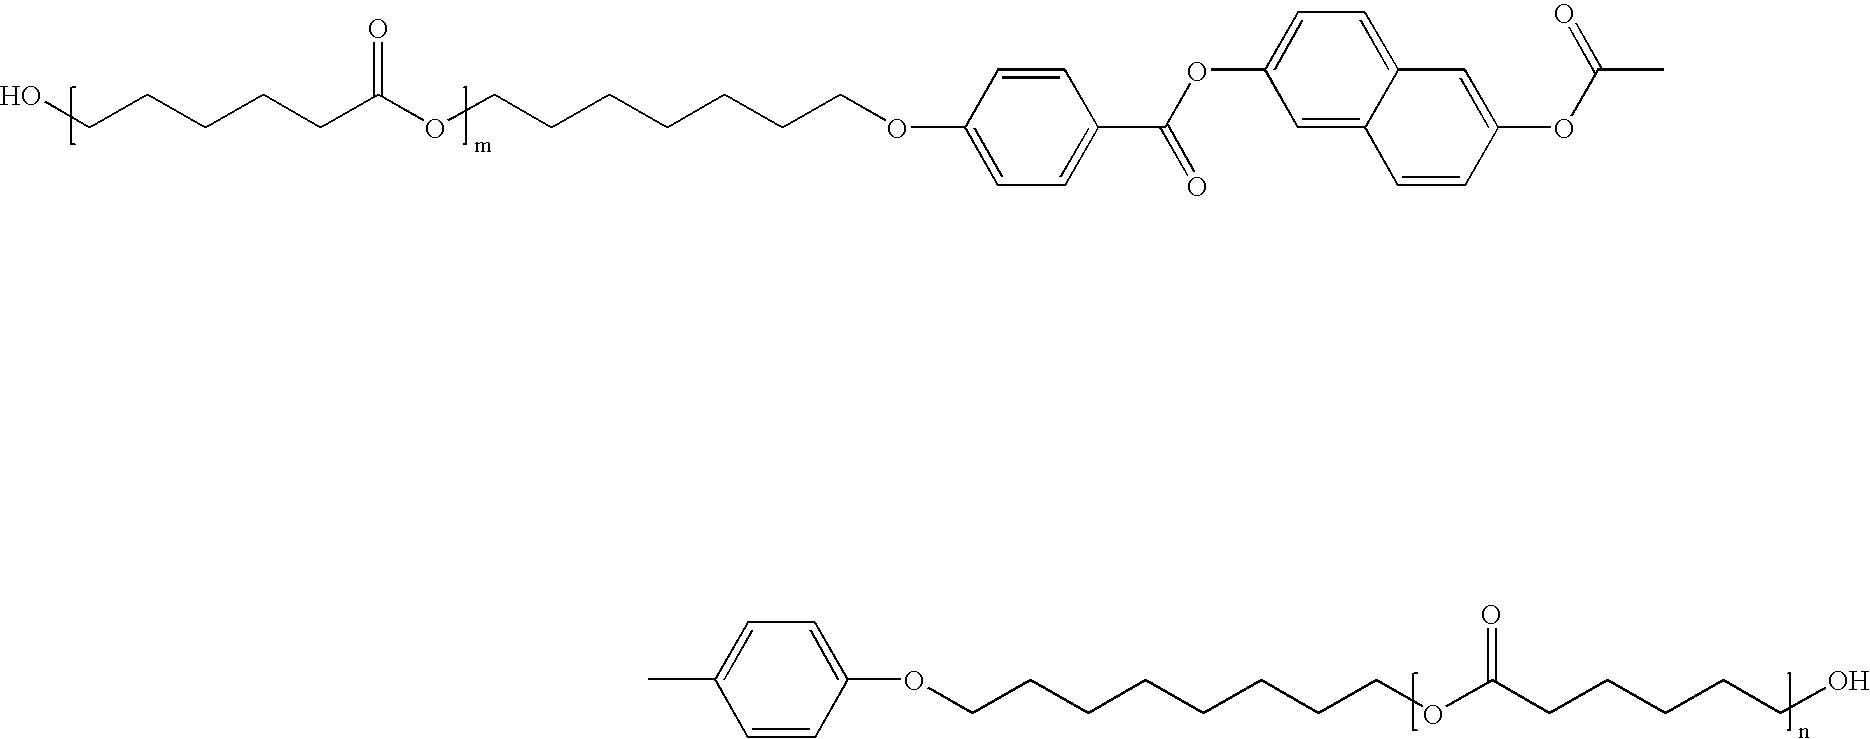 Figure US20100014010A1-20100121-C00076